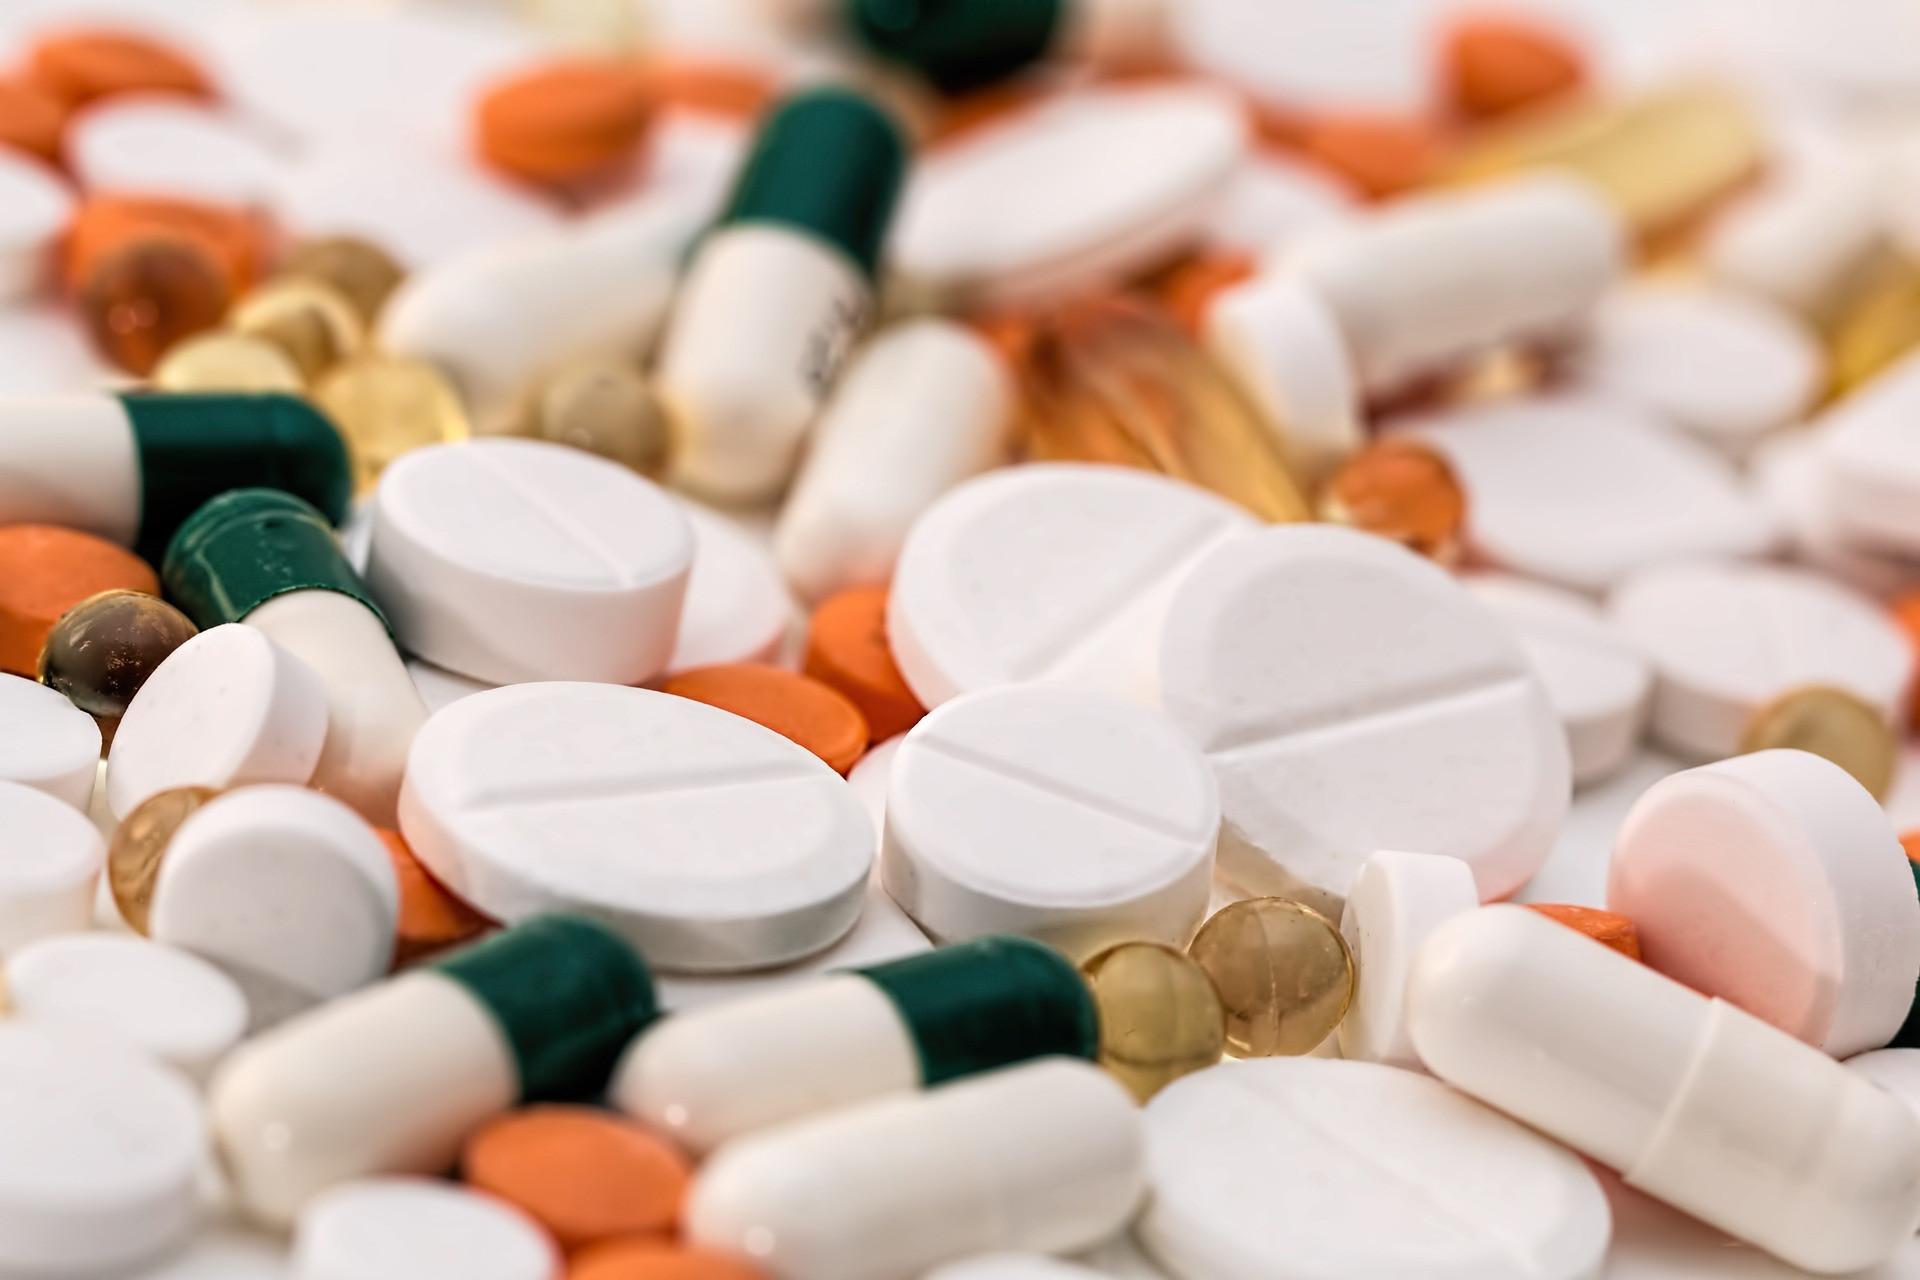 Anu Pria Sering Gatal, Atasi dengan 4 Obat yang Dijual di Apotek Ini - JPNN.com